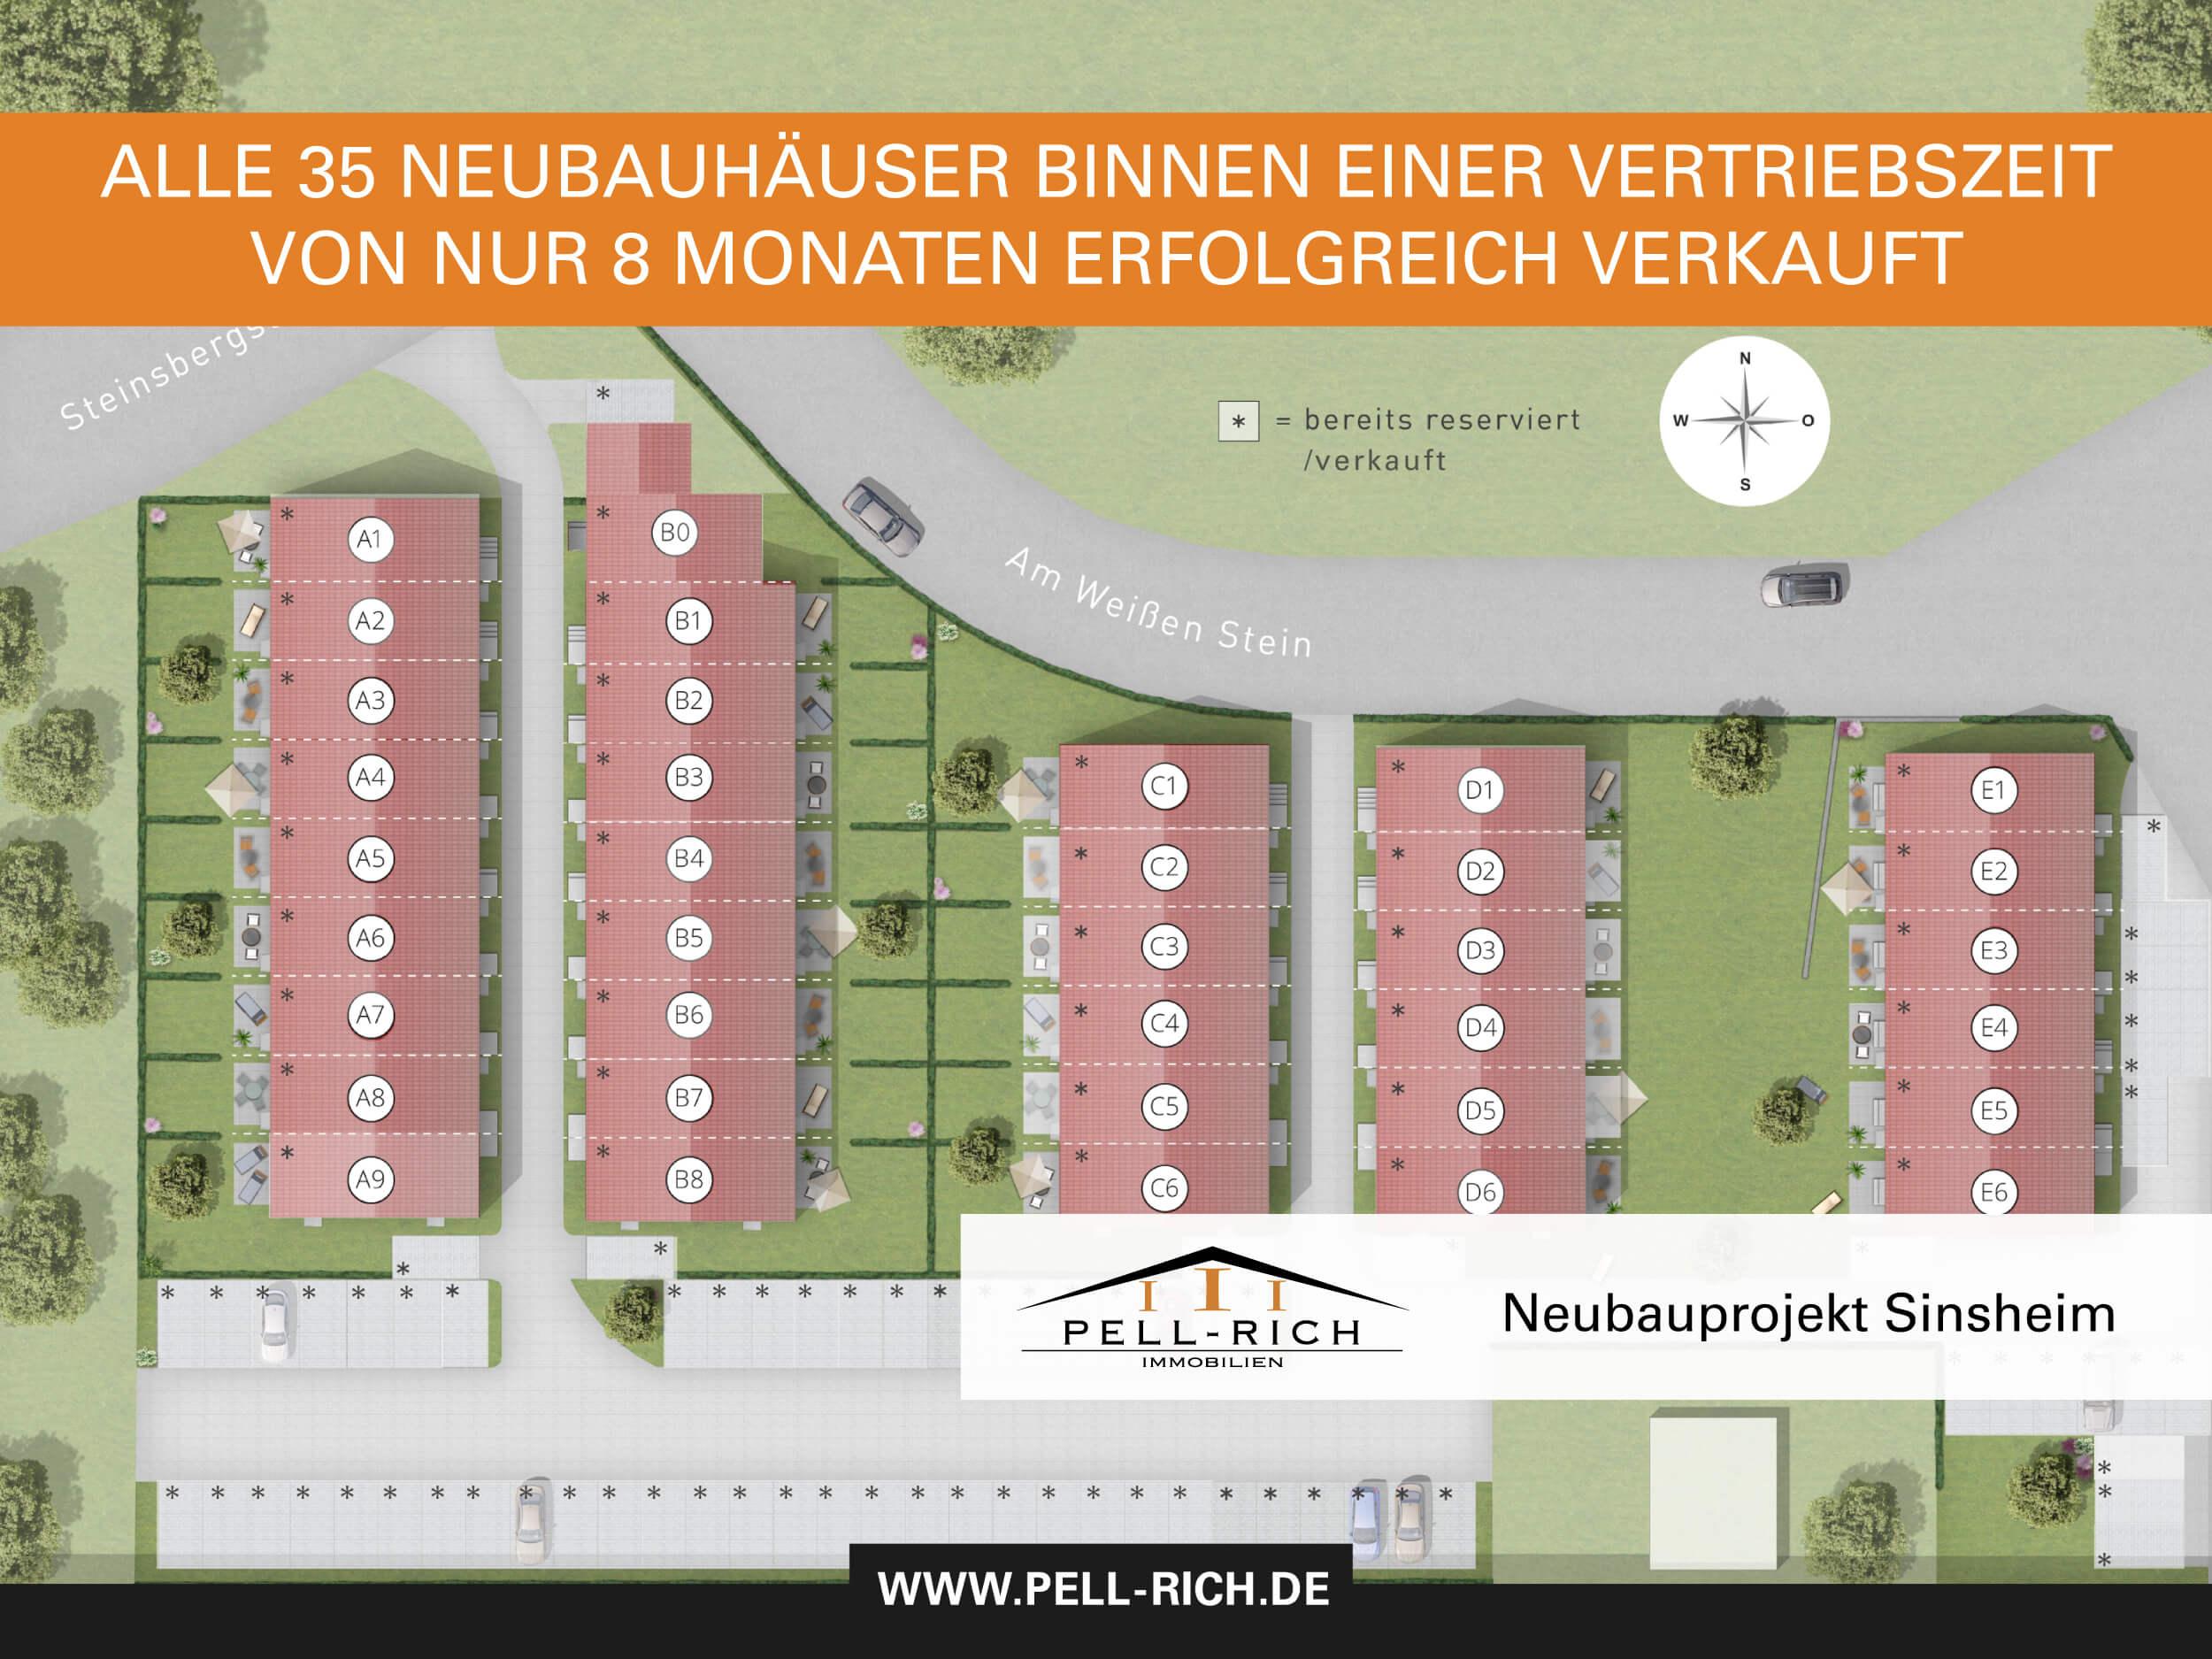 """-komplett verkauft- NEUBAU-SCHLUSSVERKAUF: Reihenhäuser """"Am weißen Stein"""" inkl. 2x Stellplatz, Keller und Garten"""